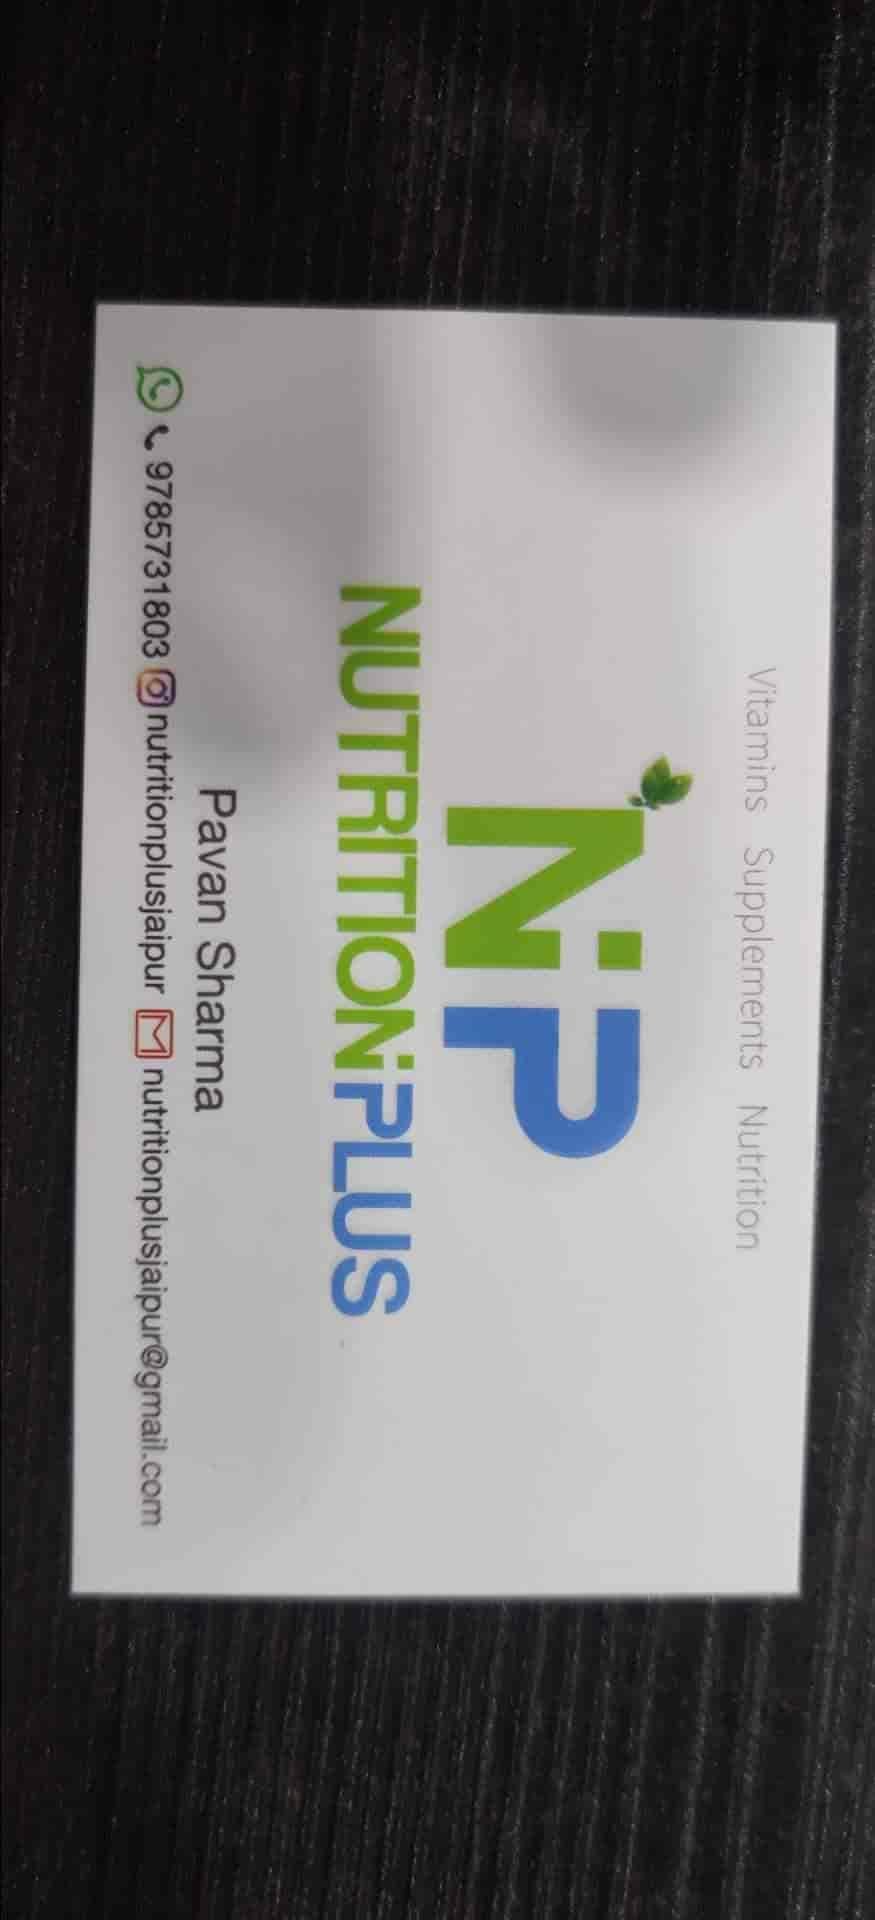 Nutrition Plus Mansarovar Protein Supplement Dealers In Jaipur Justdial